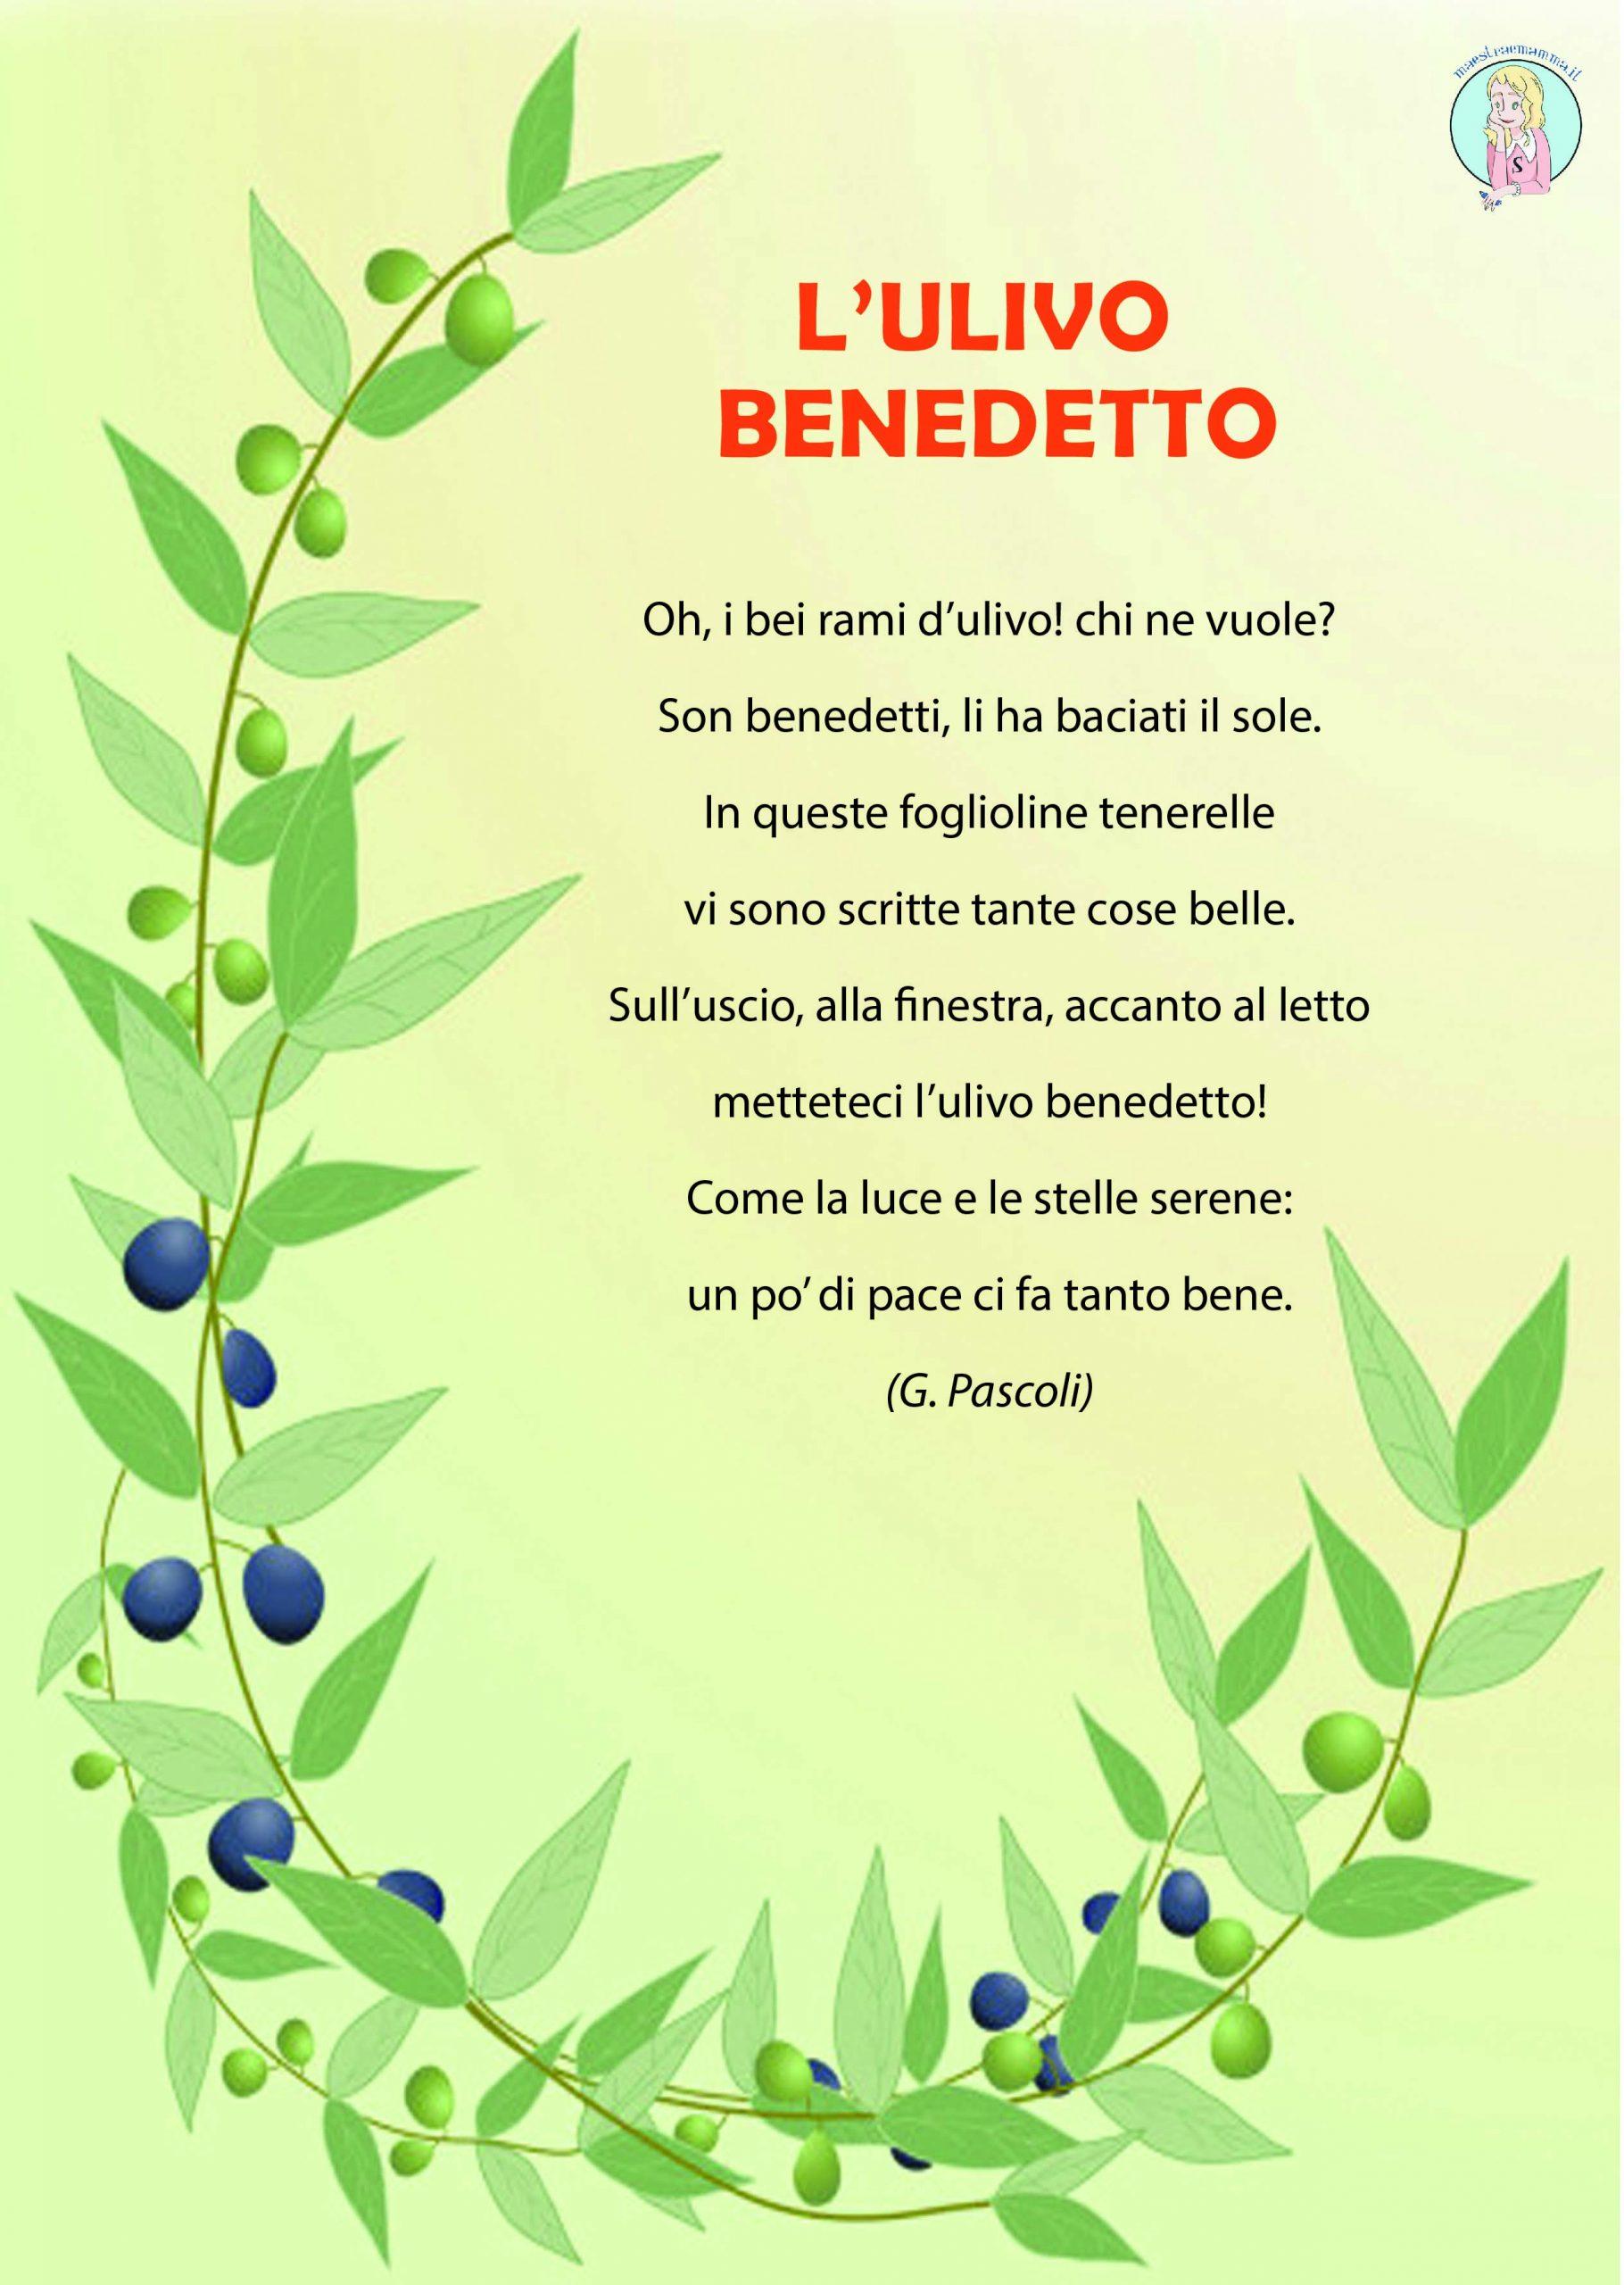 poesia di pasqua l-ulivo benedetto di Giovanni Pascoli